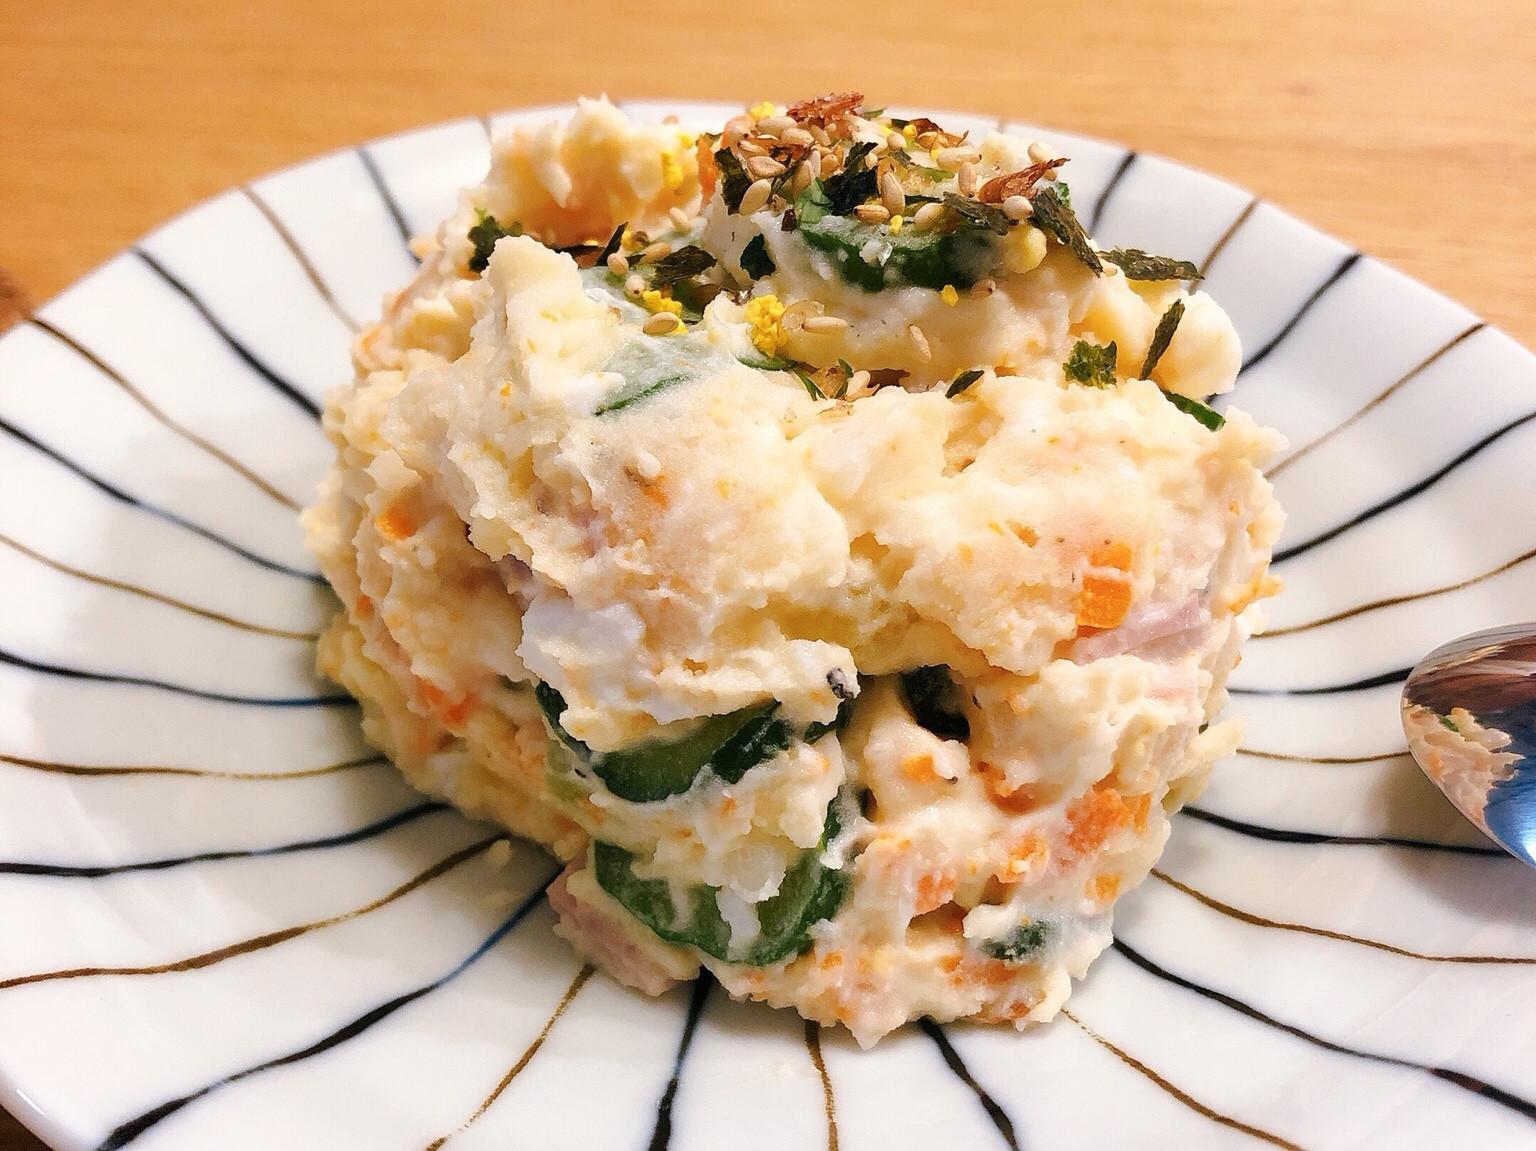 馬鈴薯沙拉(Avocado oil)